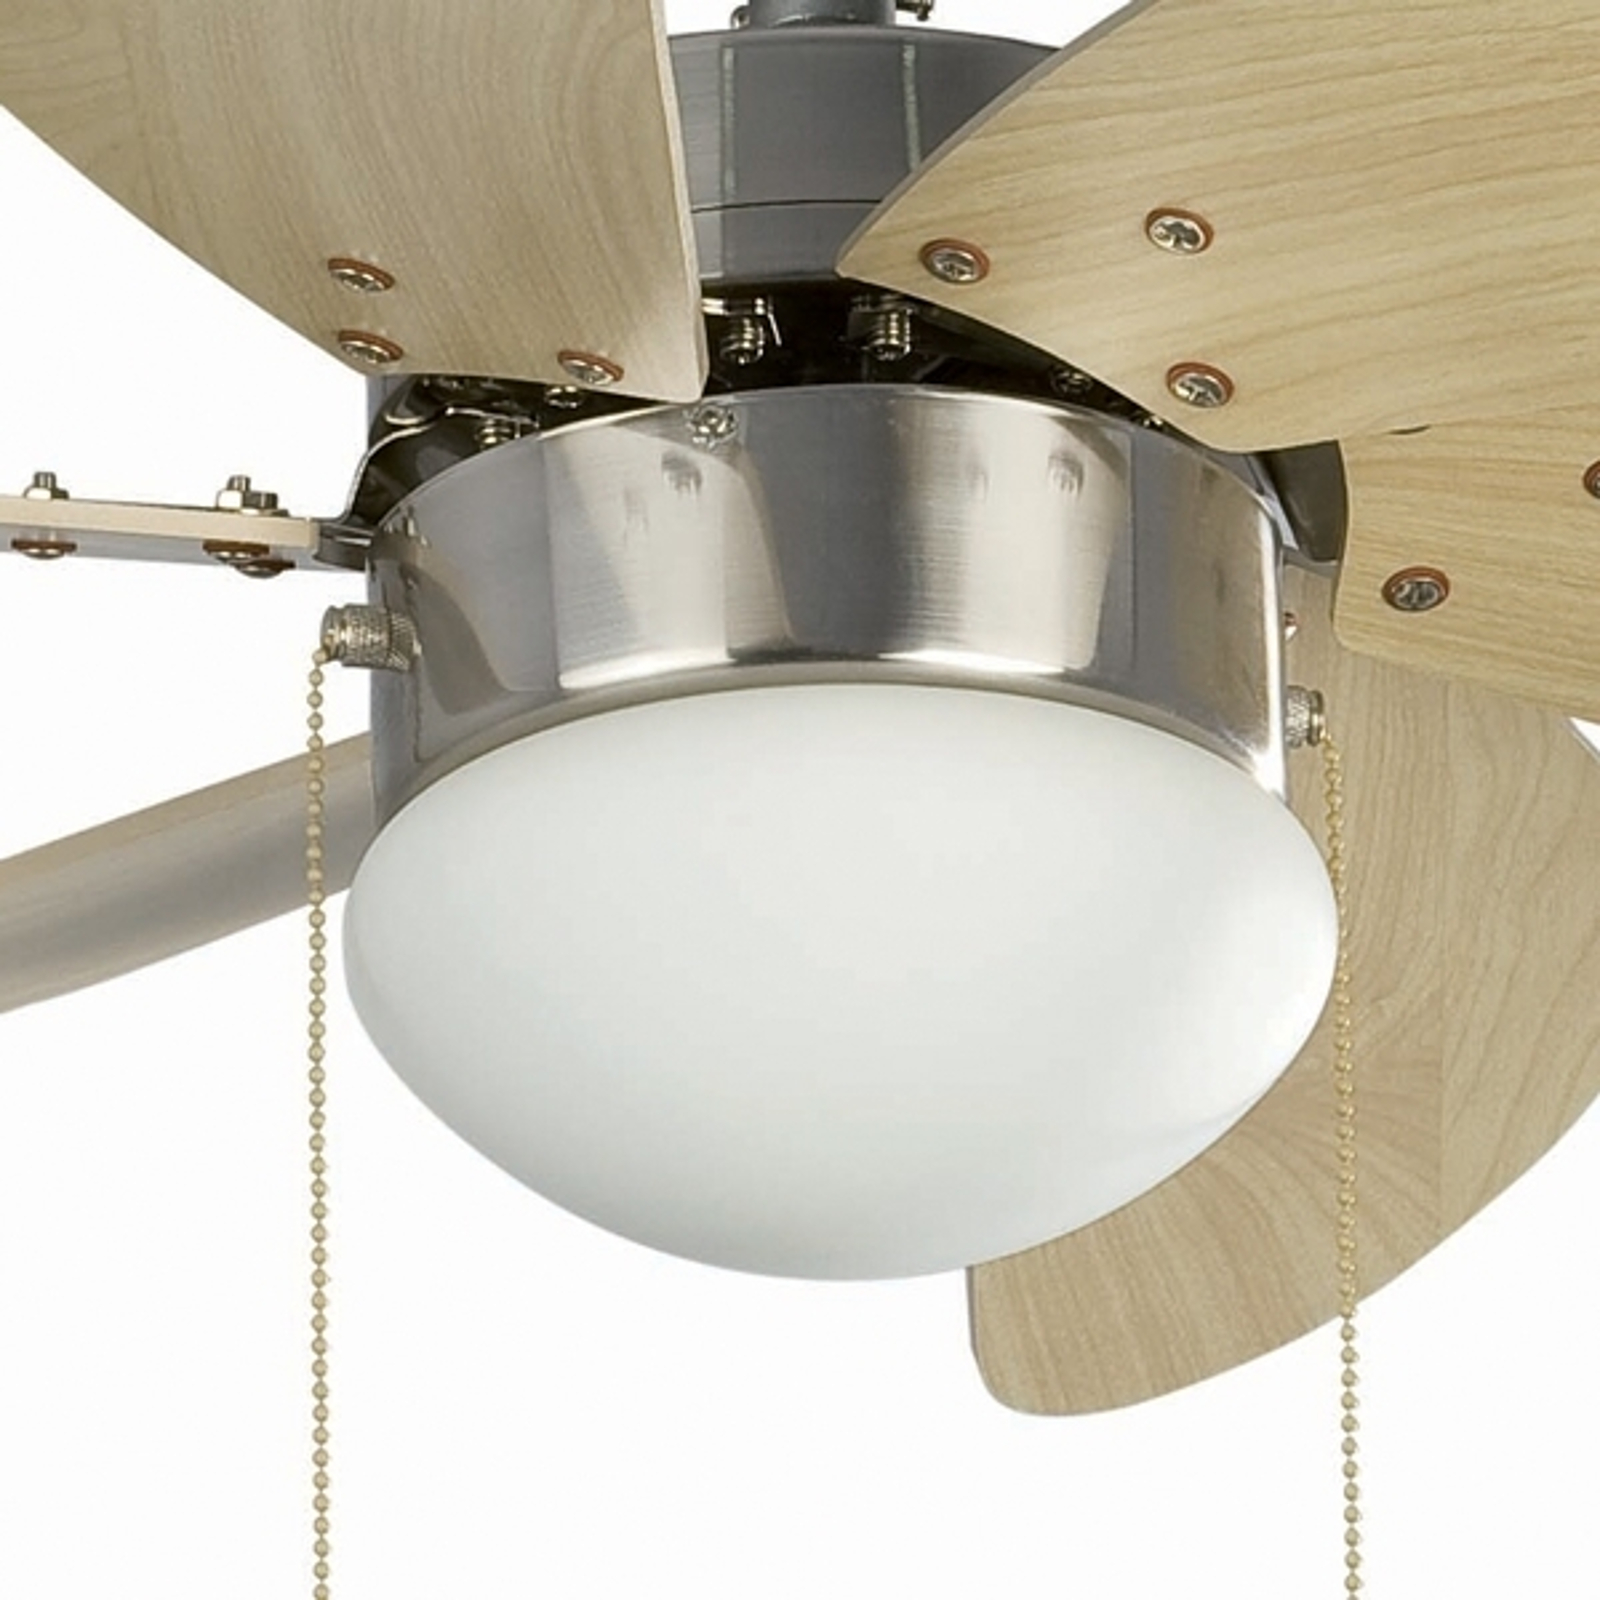 Stropní ventilátor Palao se světlem, niklově matný